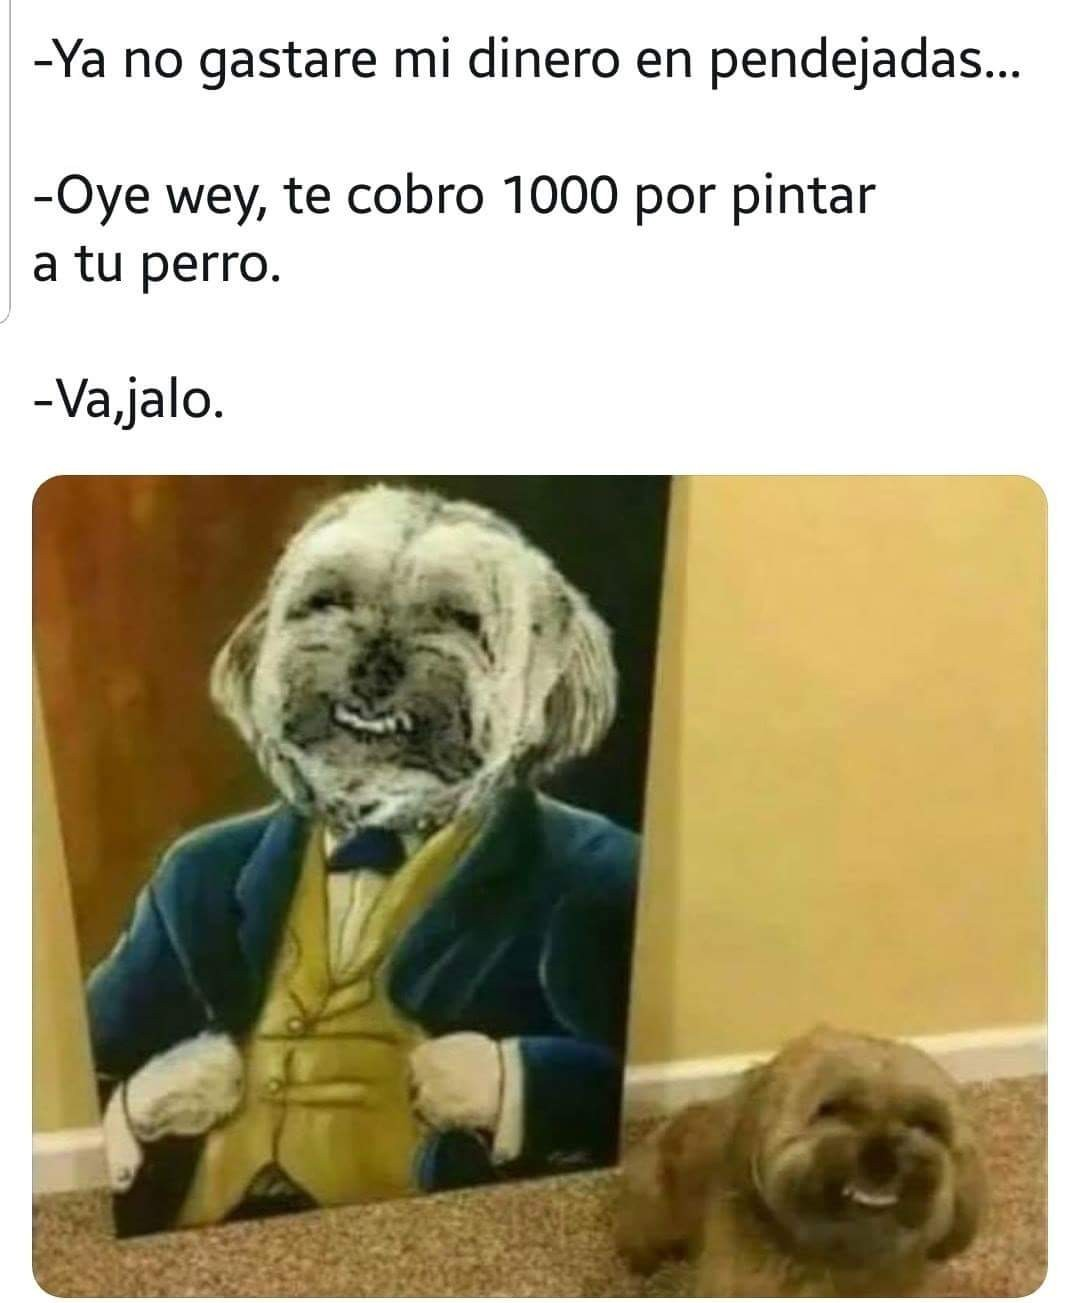 Cuando jalas para que le hagan un cuadro a tu perro - meme